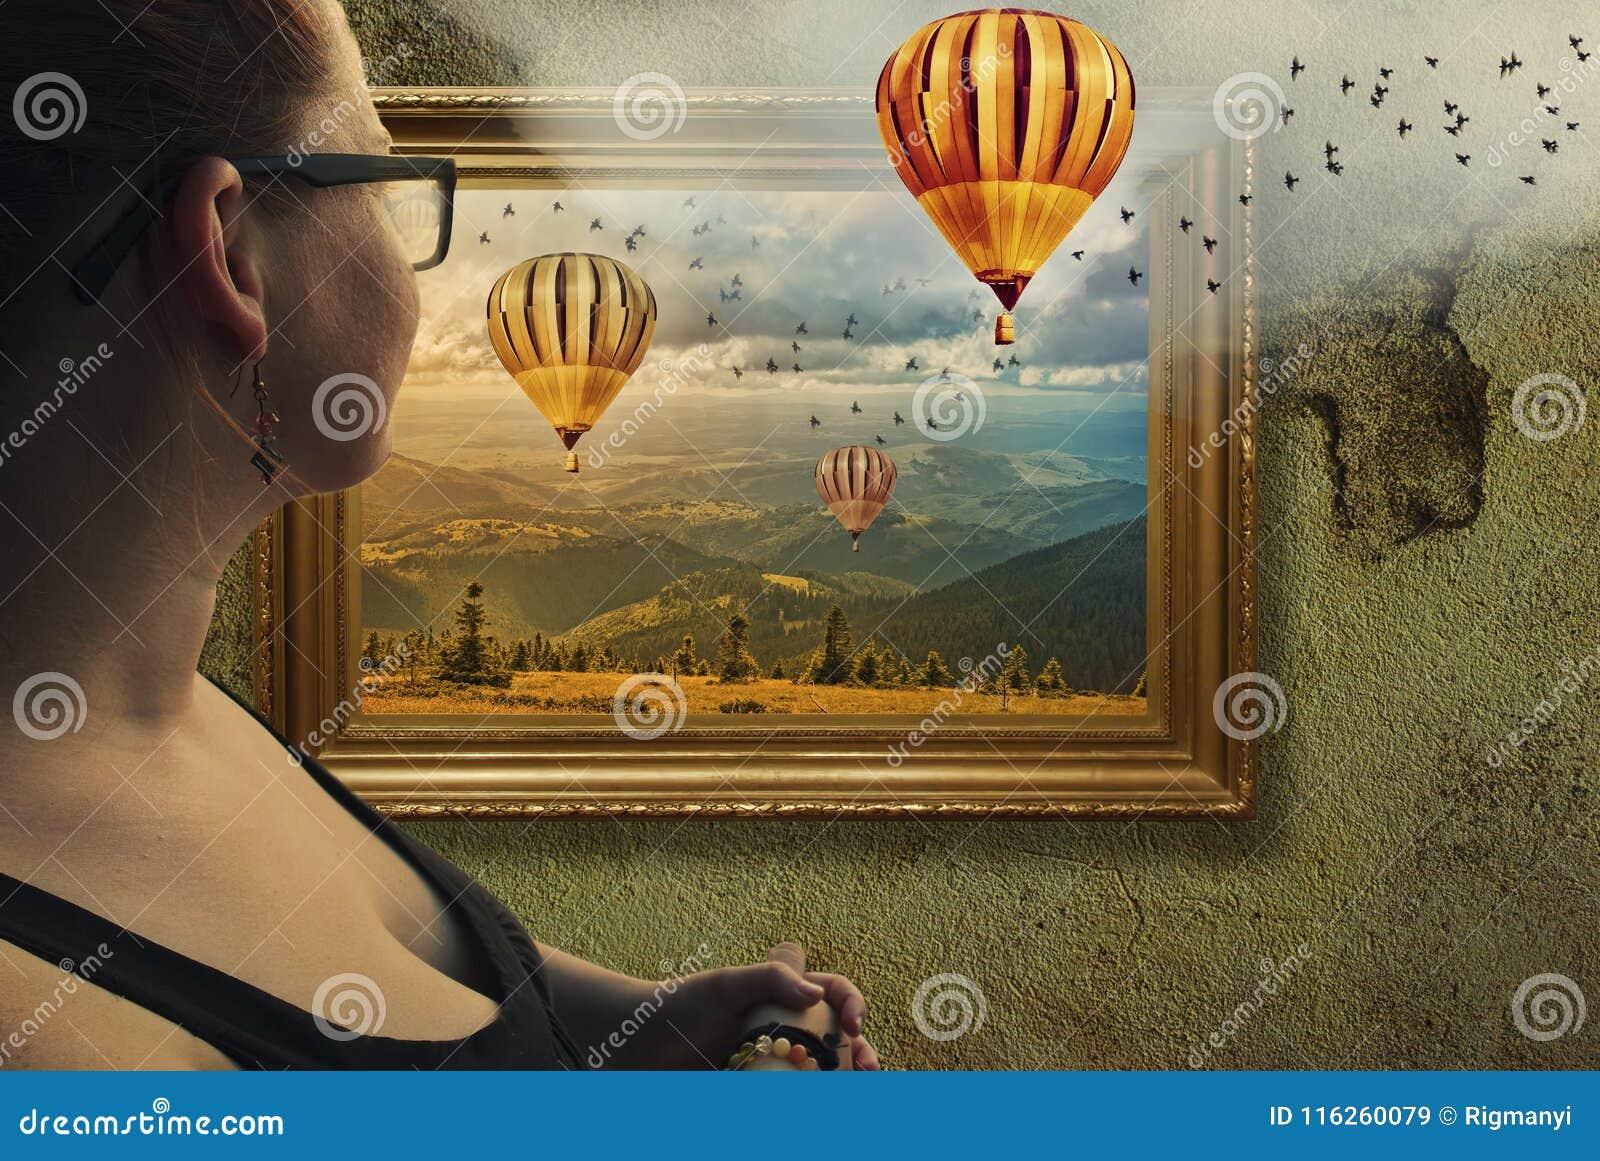 Framed illusion